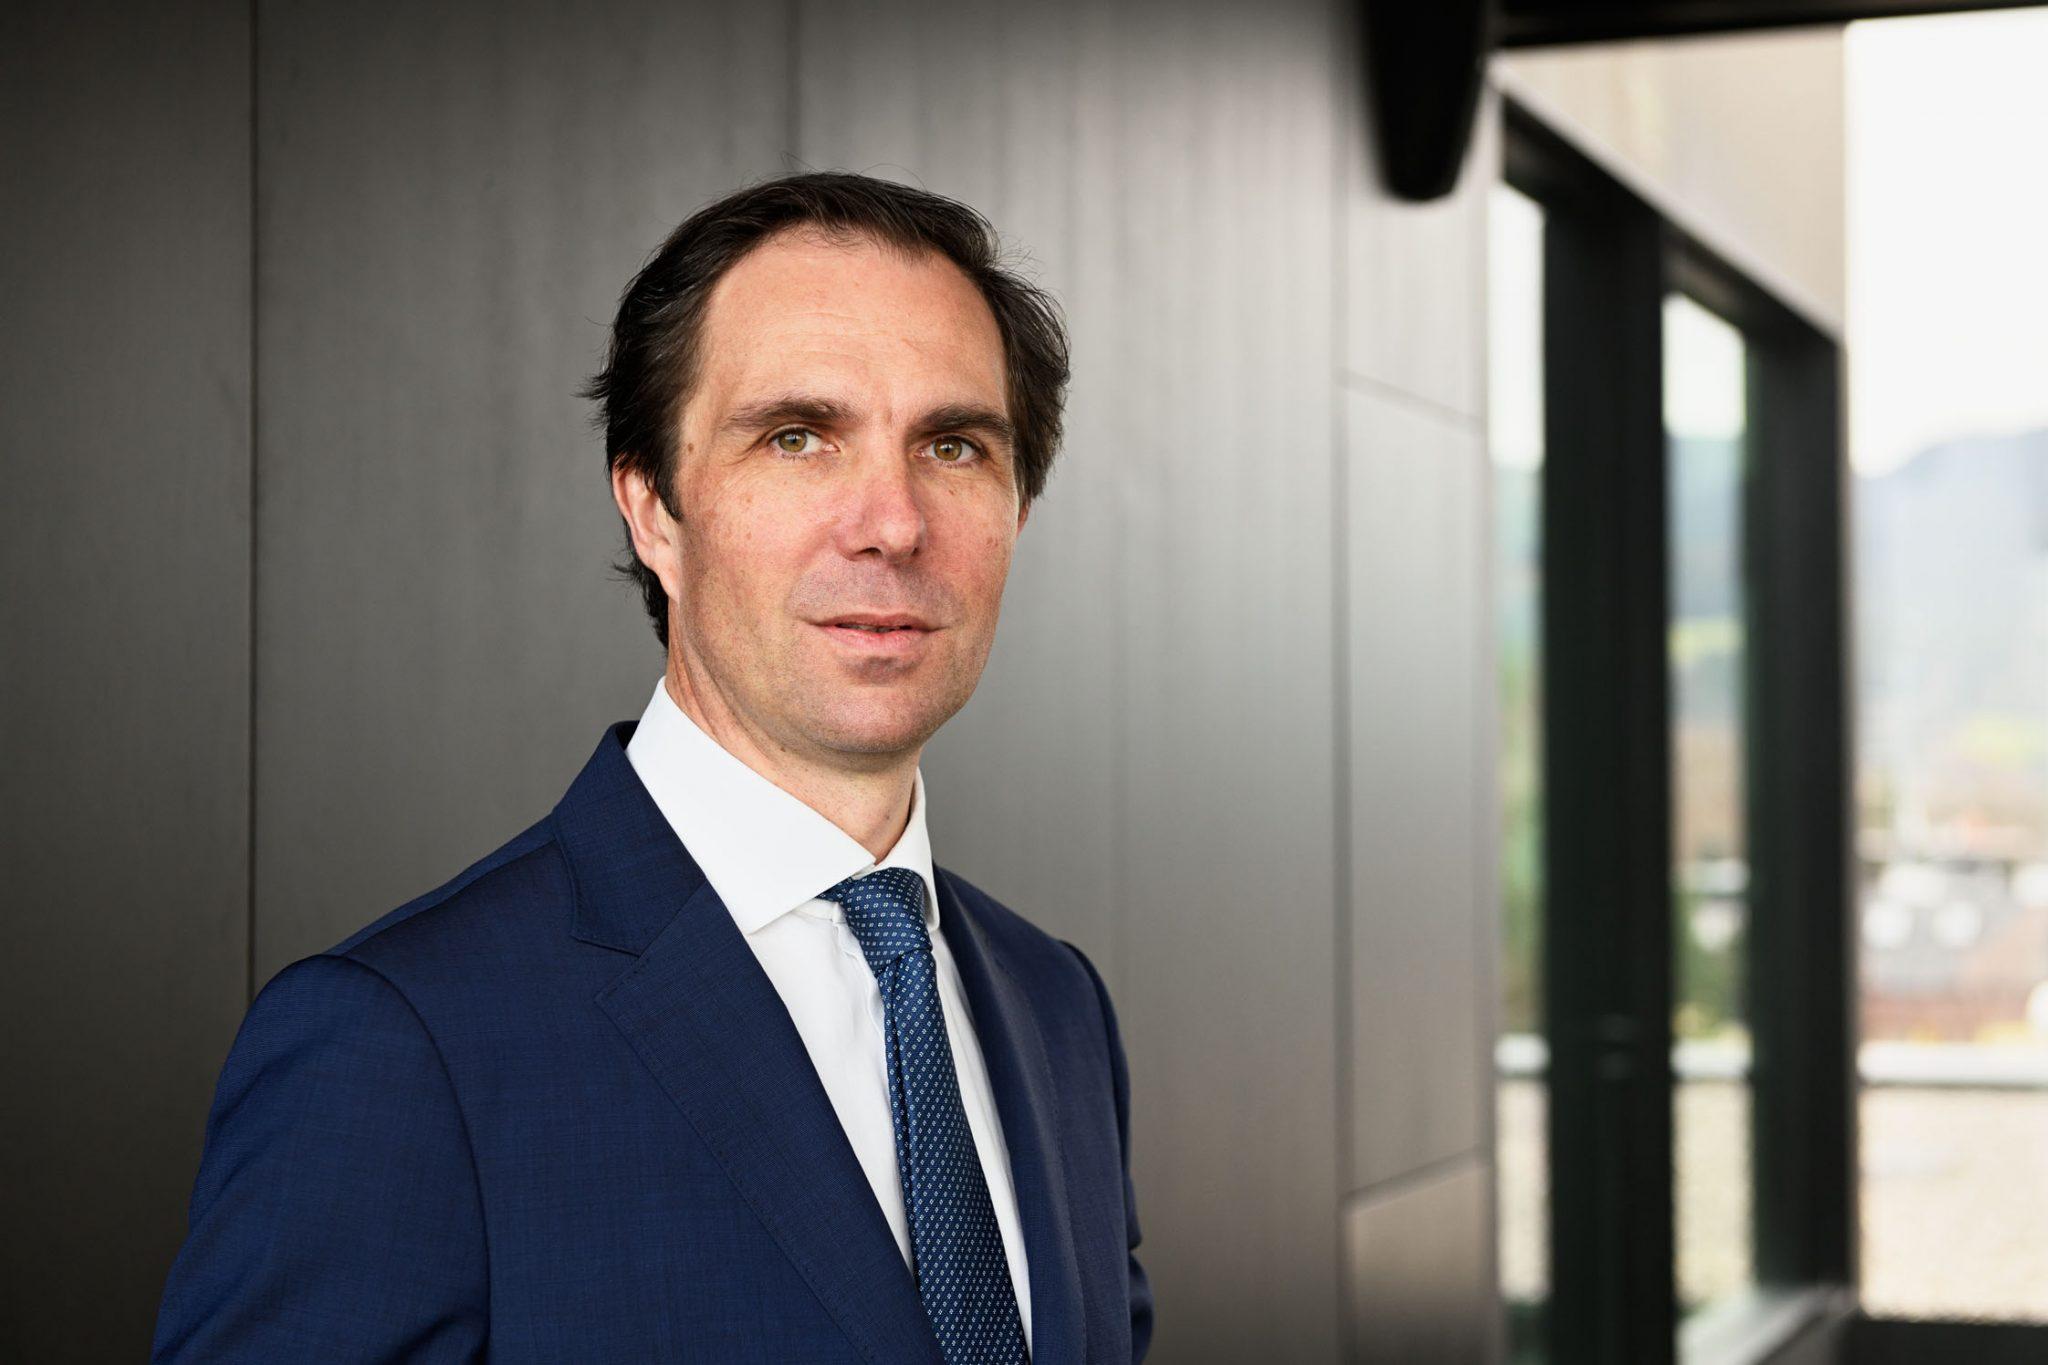 Gebrüder Weiss: myGW customer portal is a success